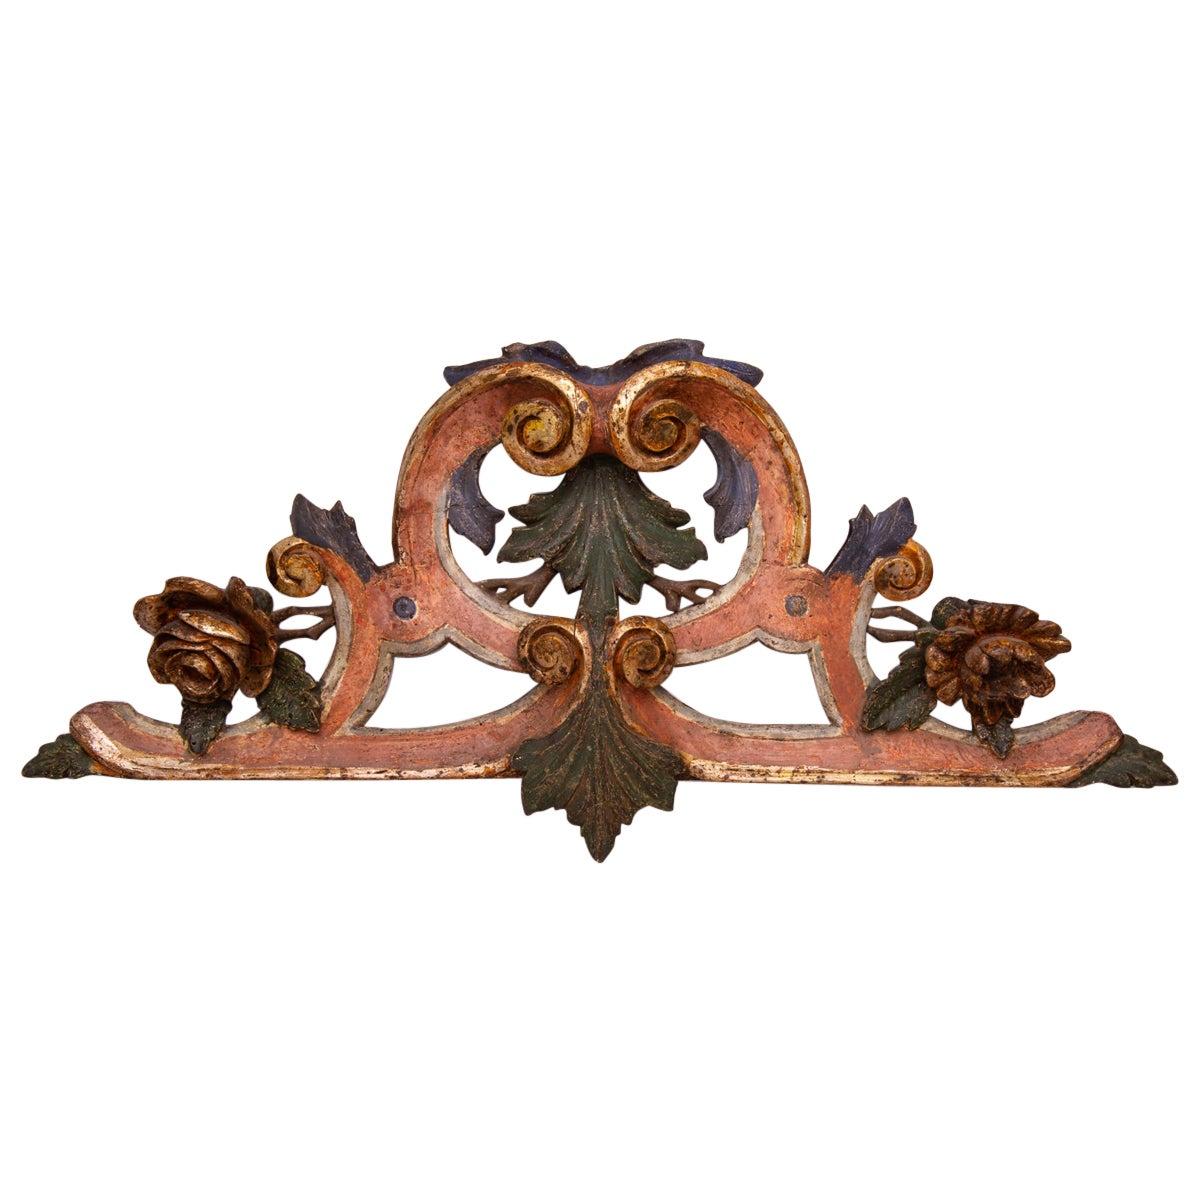 Wooden Antique Garland Overdoor or Over Mirror with Flowers